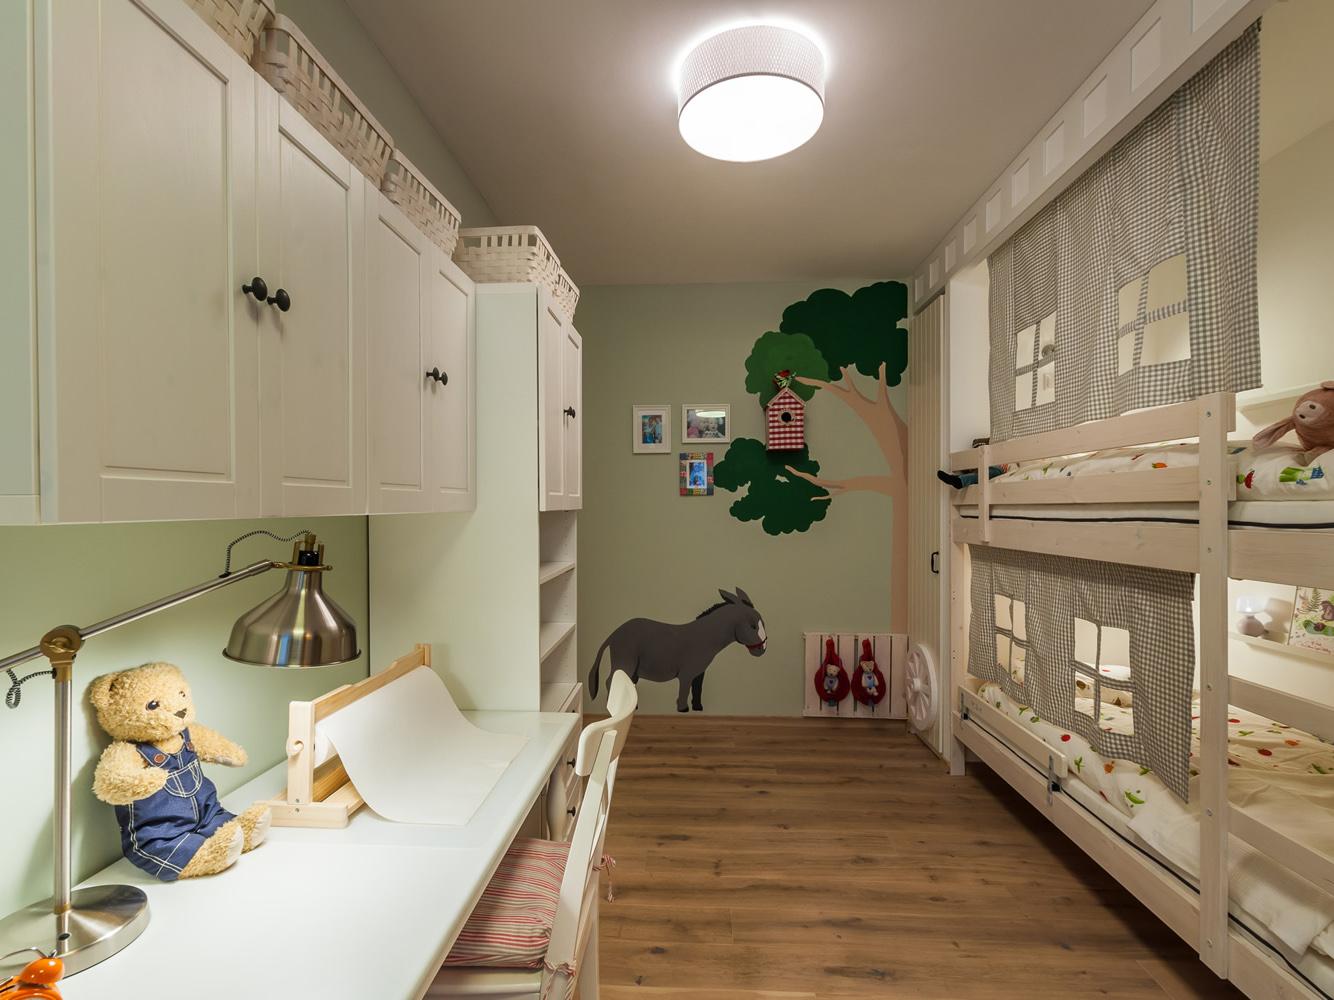 Детская комната для мальчков - двойняшек